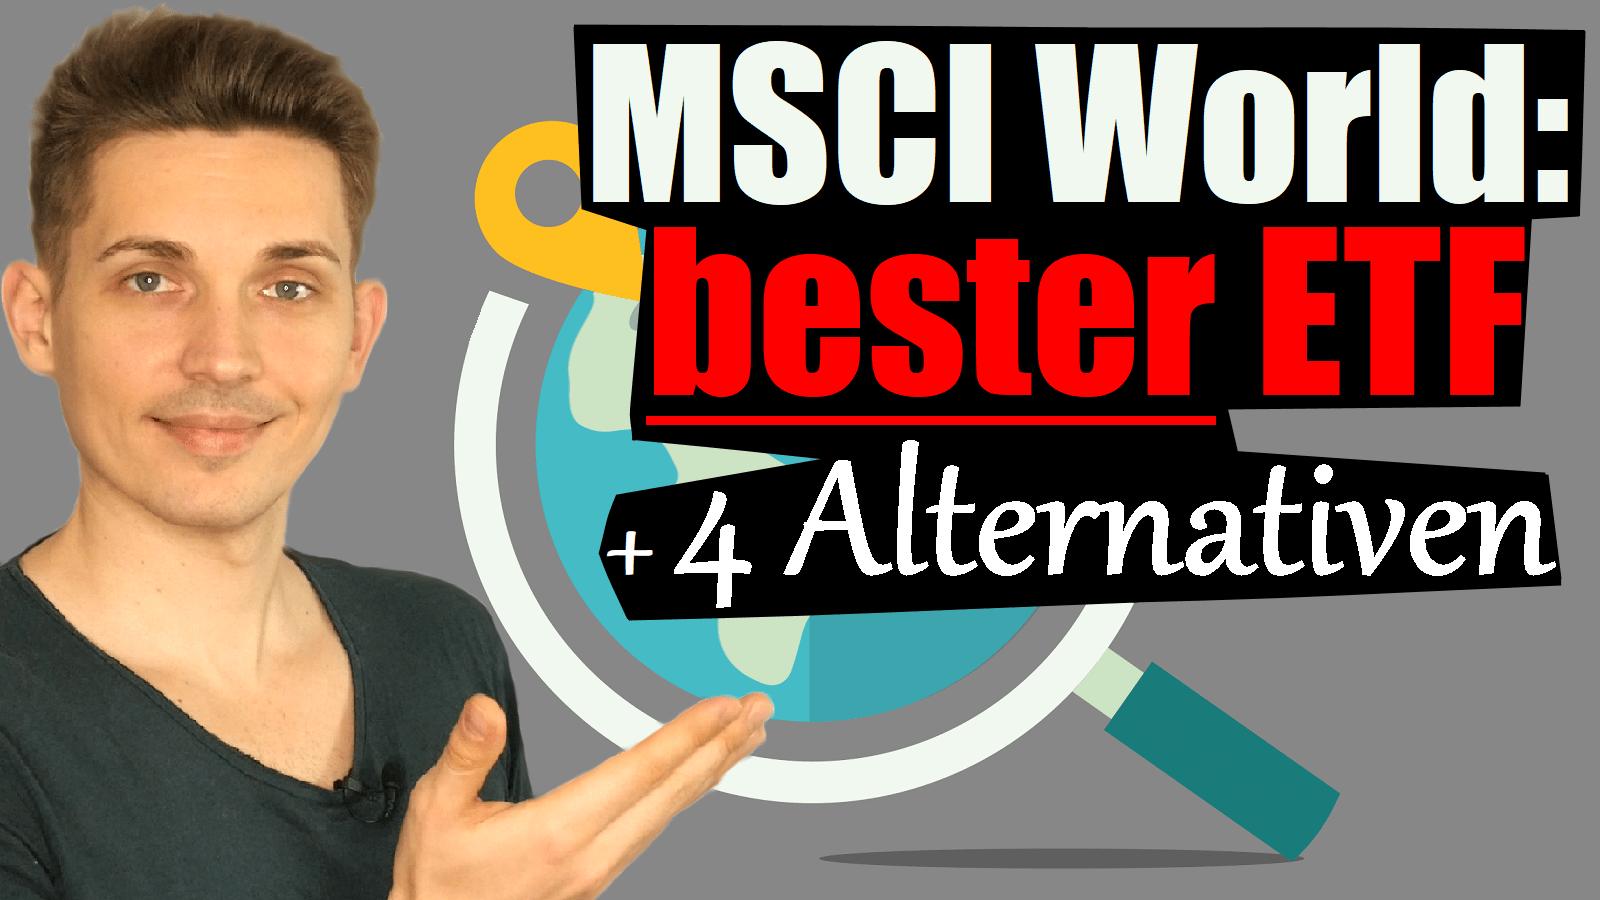 bester MSCI World ETF